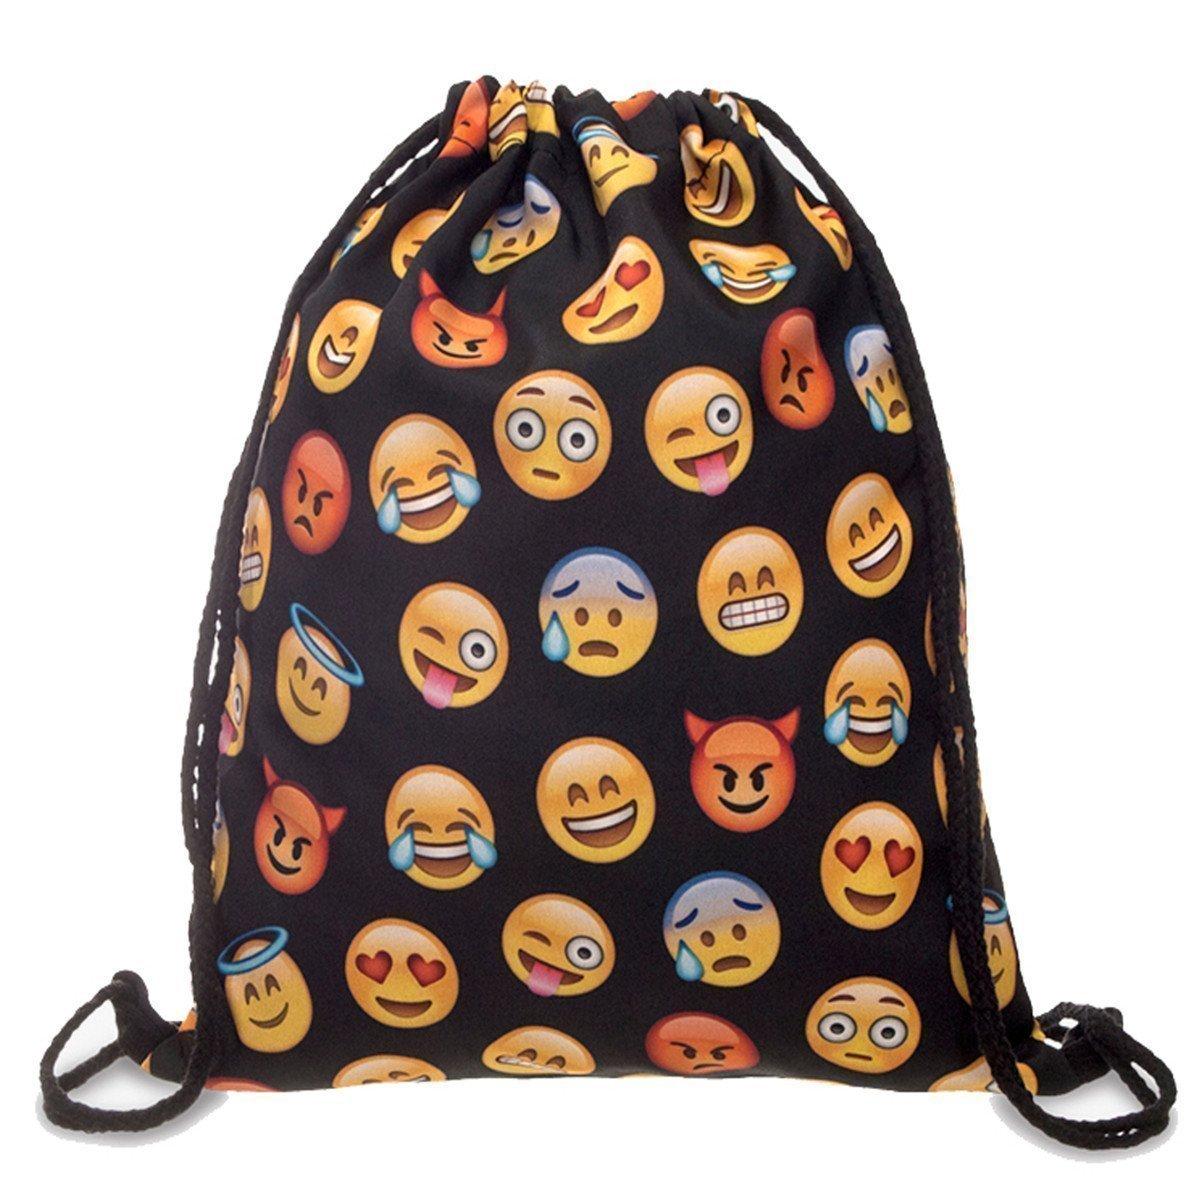 Switty Nouveau QQ Impression Emoji Sac à dos en toile Voyage Satchel mignon école Rucksack Gril